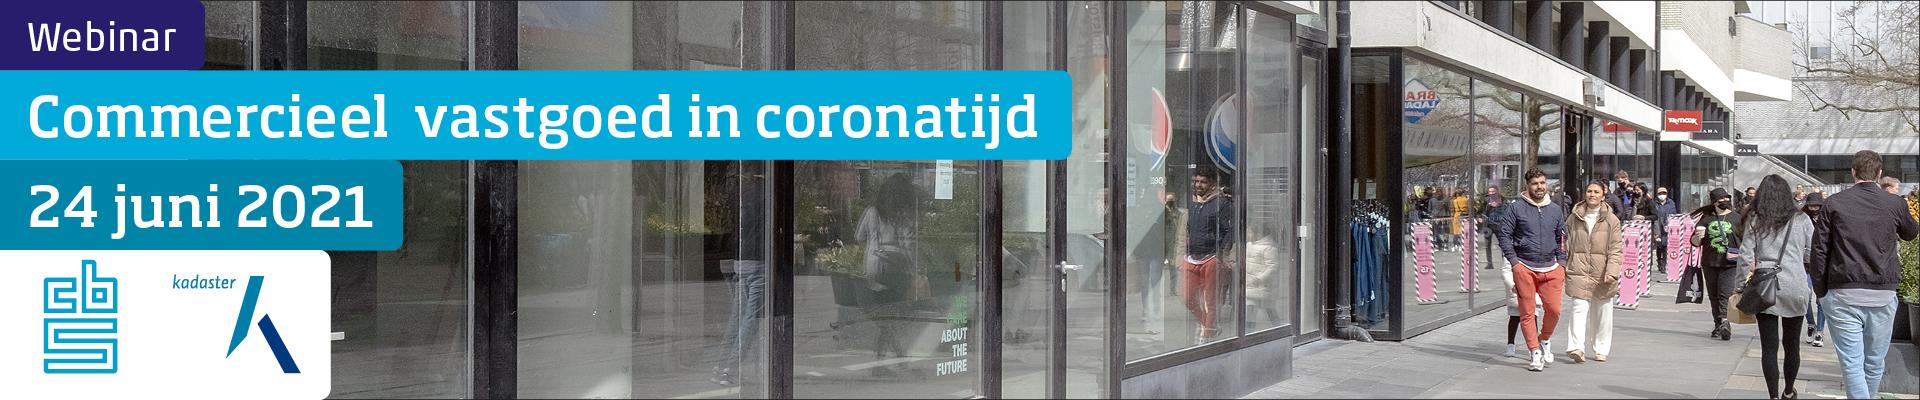 Webinar Commercieel vastgoed in coronatijd